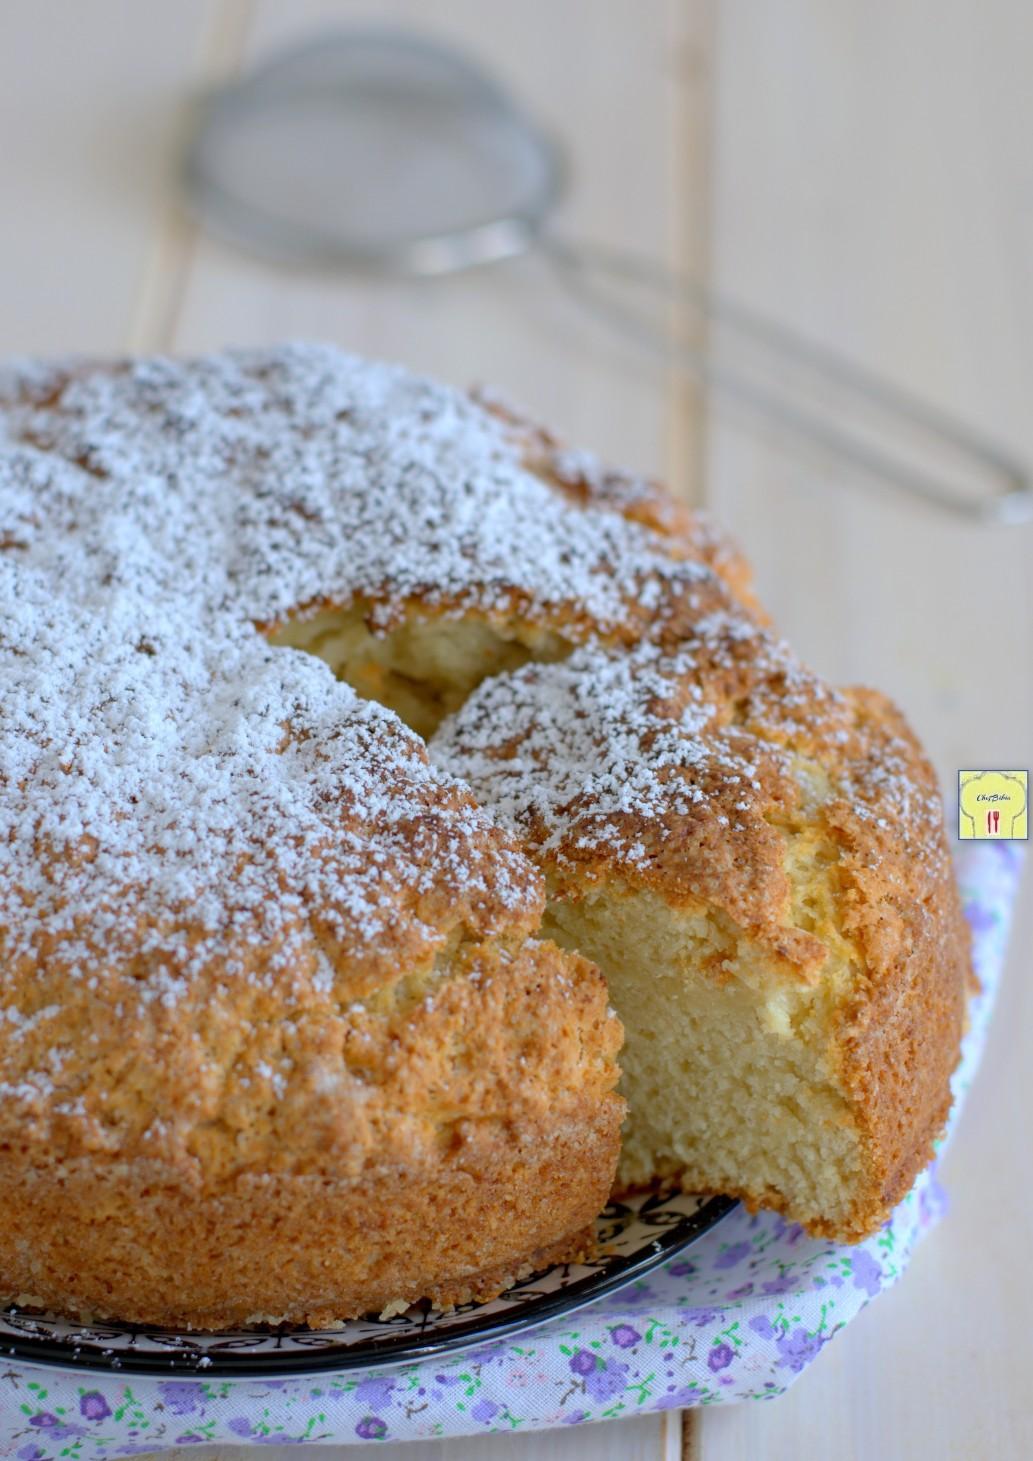 torta 5 minuti alla ricotta gp